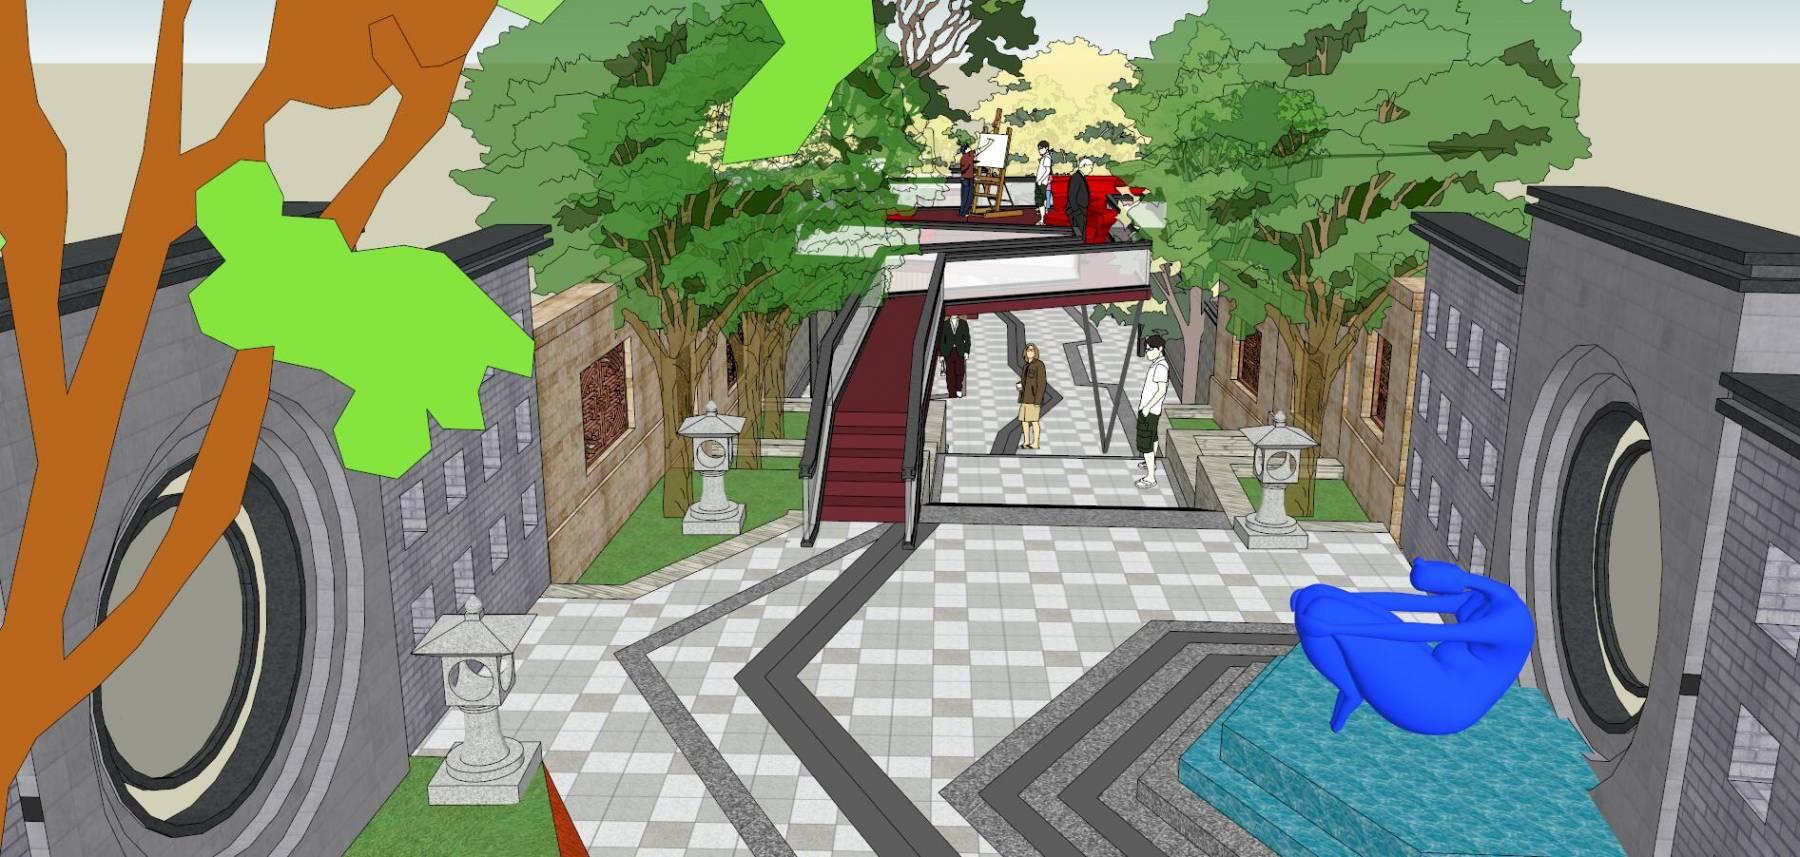 文化空巷 中式景观